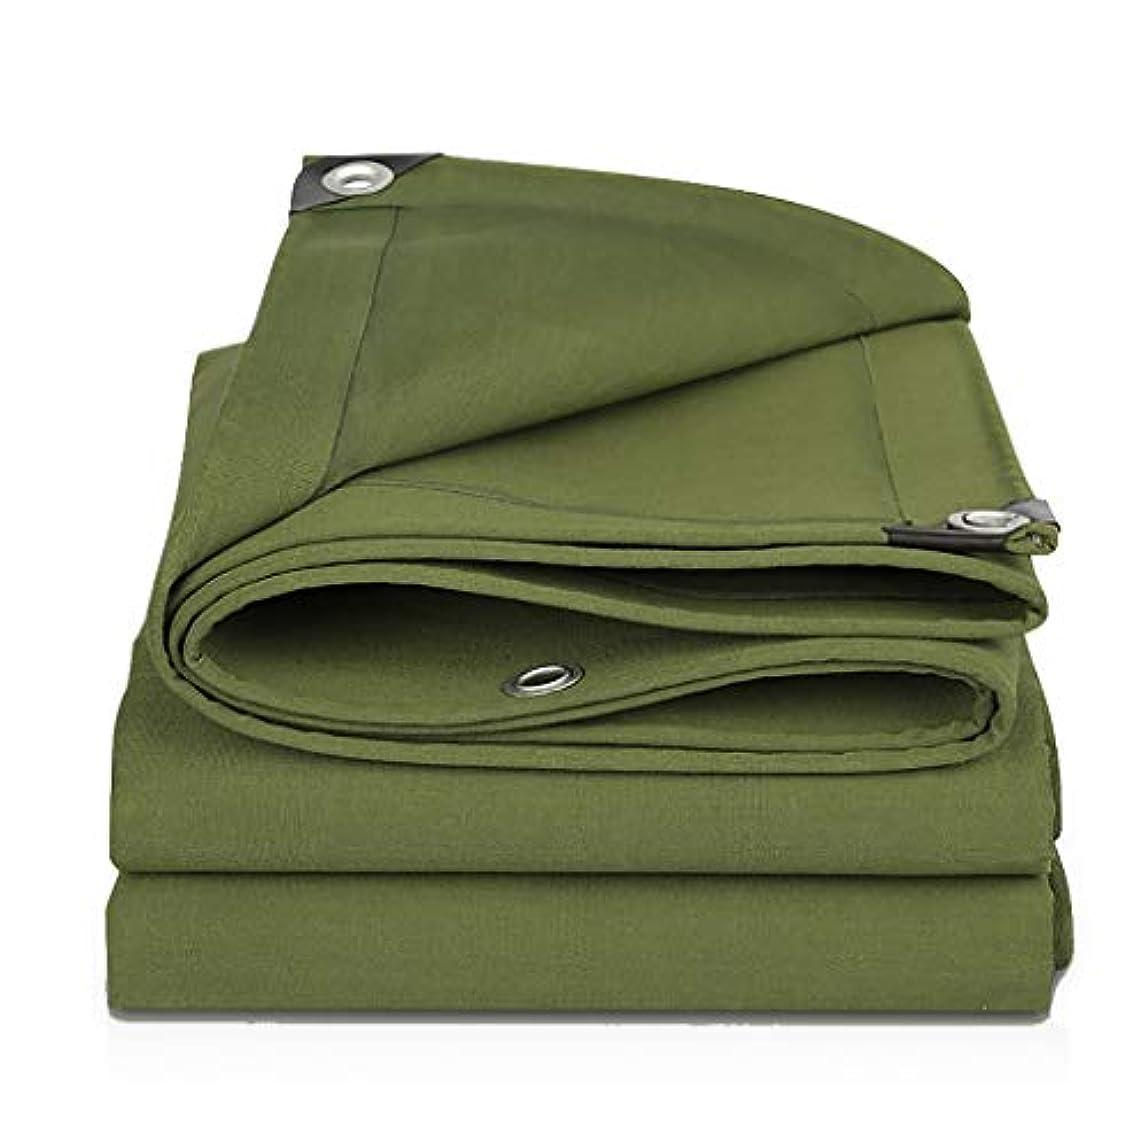 痛い労働者推測タープ グリーンターポリン、グロメット防水キャンバスタープ、引裂抵抗、抗酸化 テント (Color : Green, Size : 5m×6m)